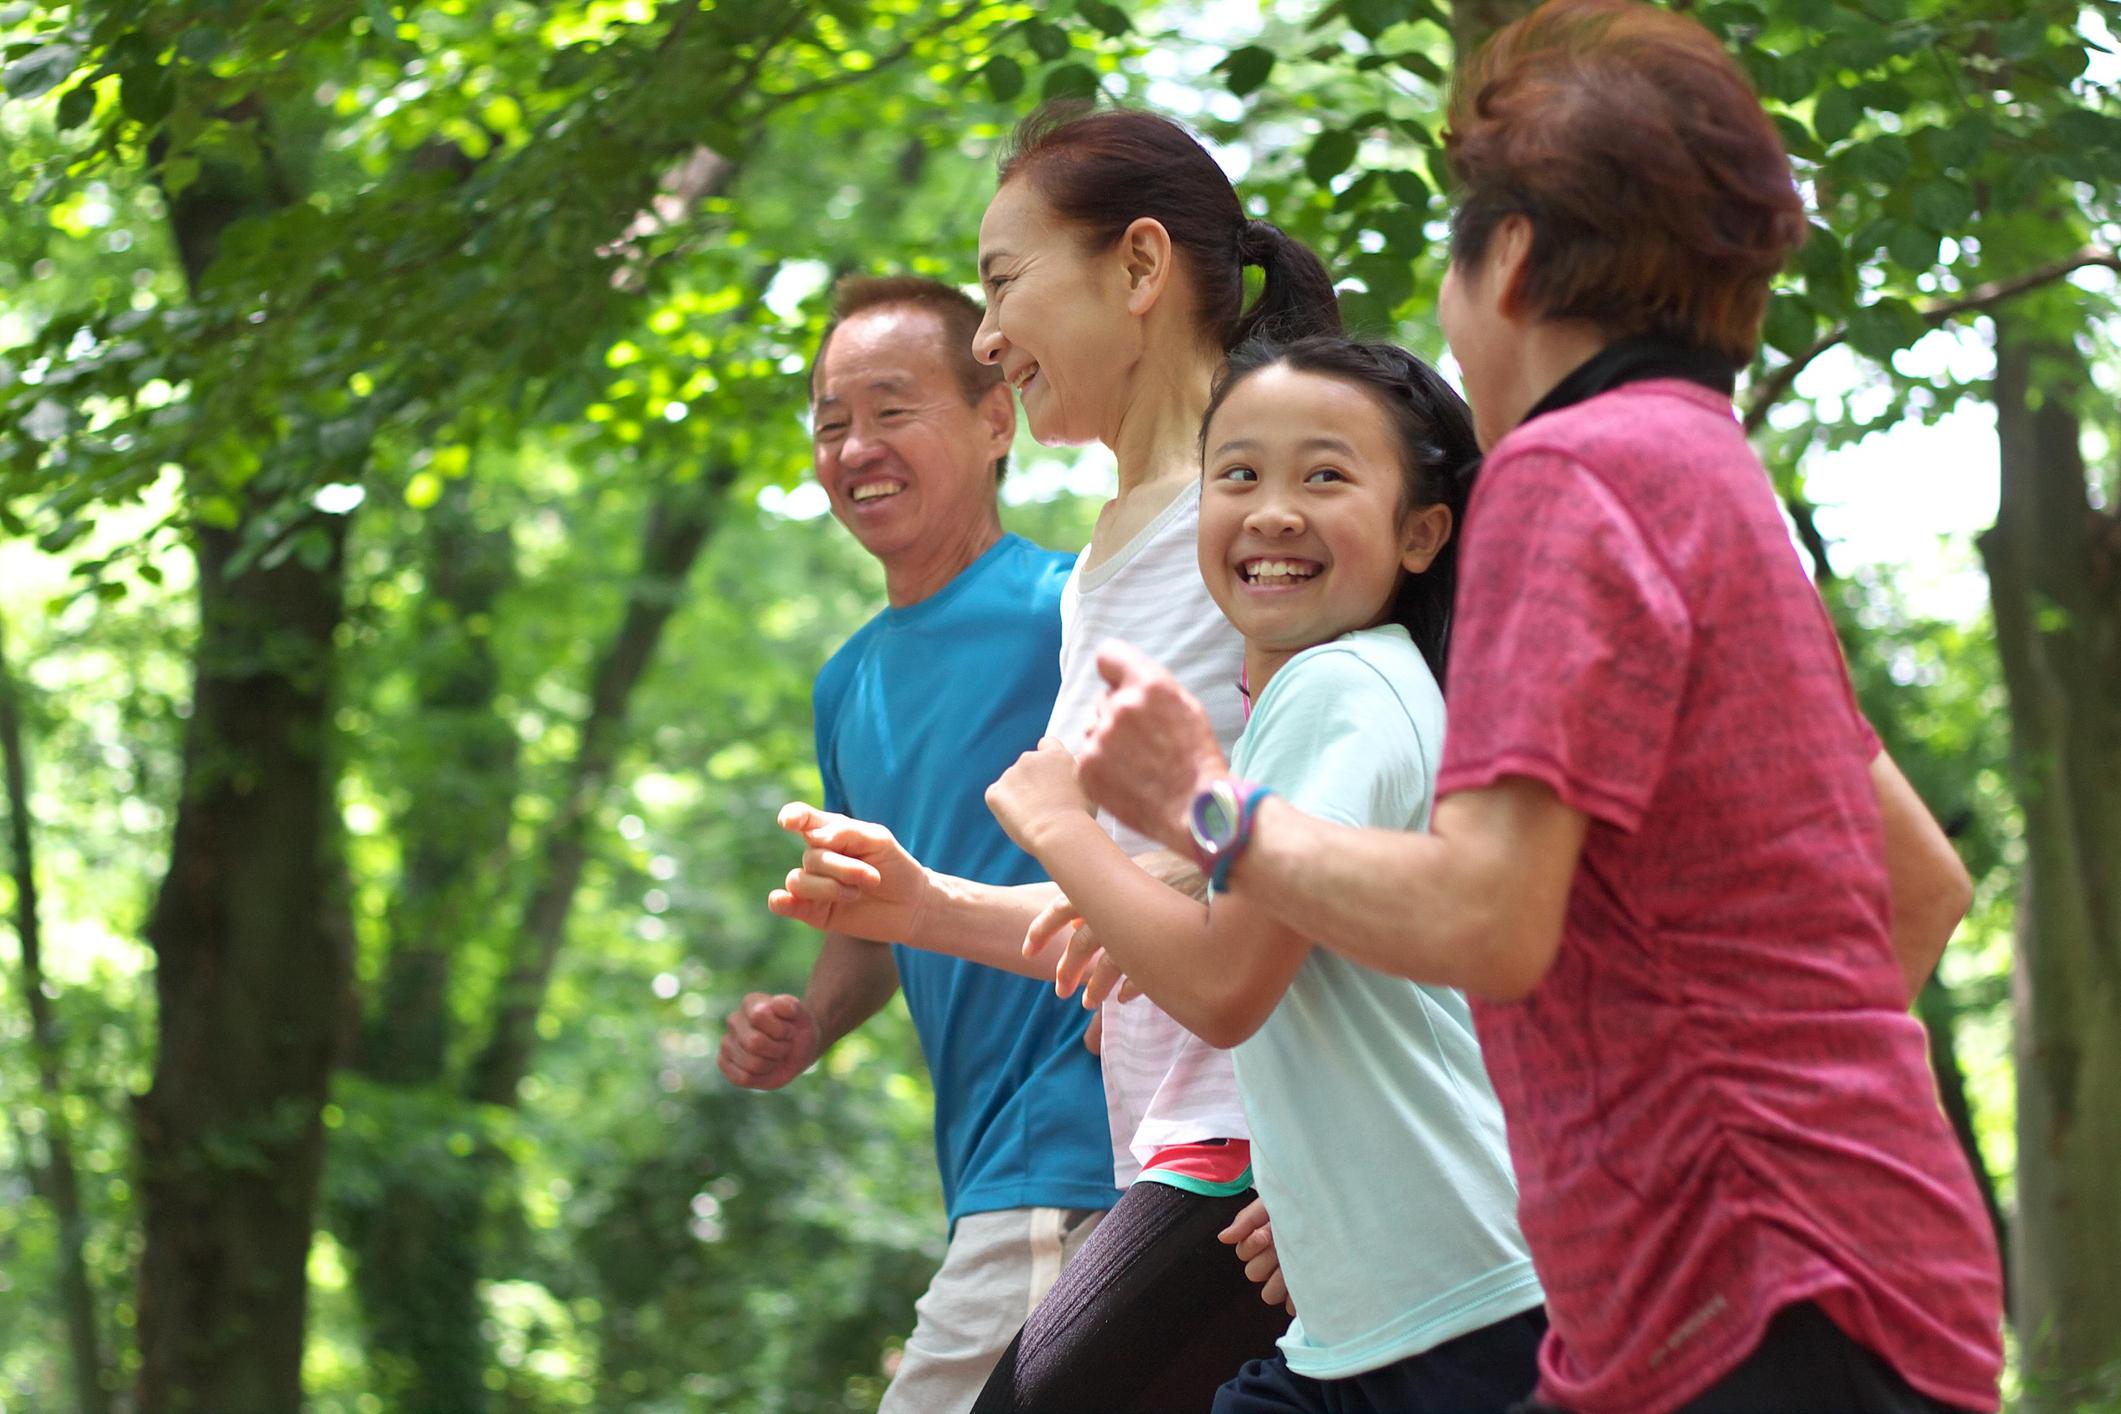 ジョギングを楽しむ家族